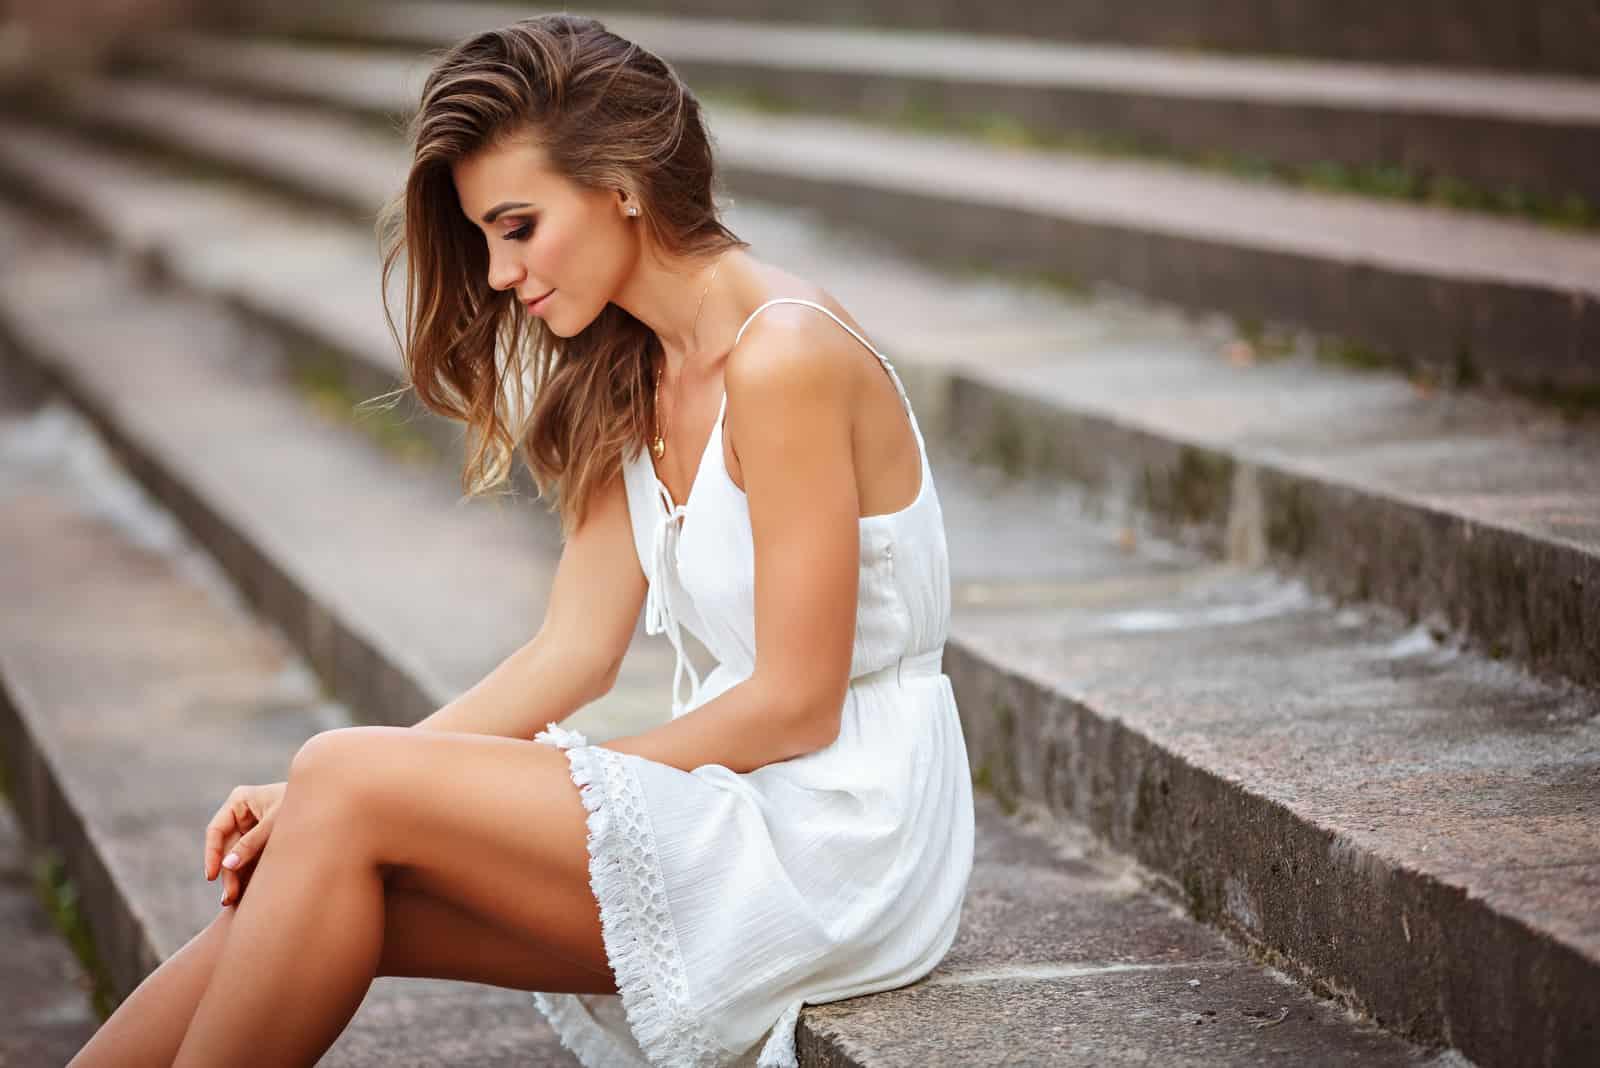 une belle femme dans une robe blanche est assise sur les marches avec ses yeux baissés